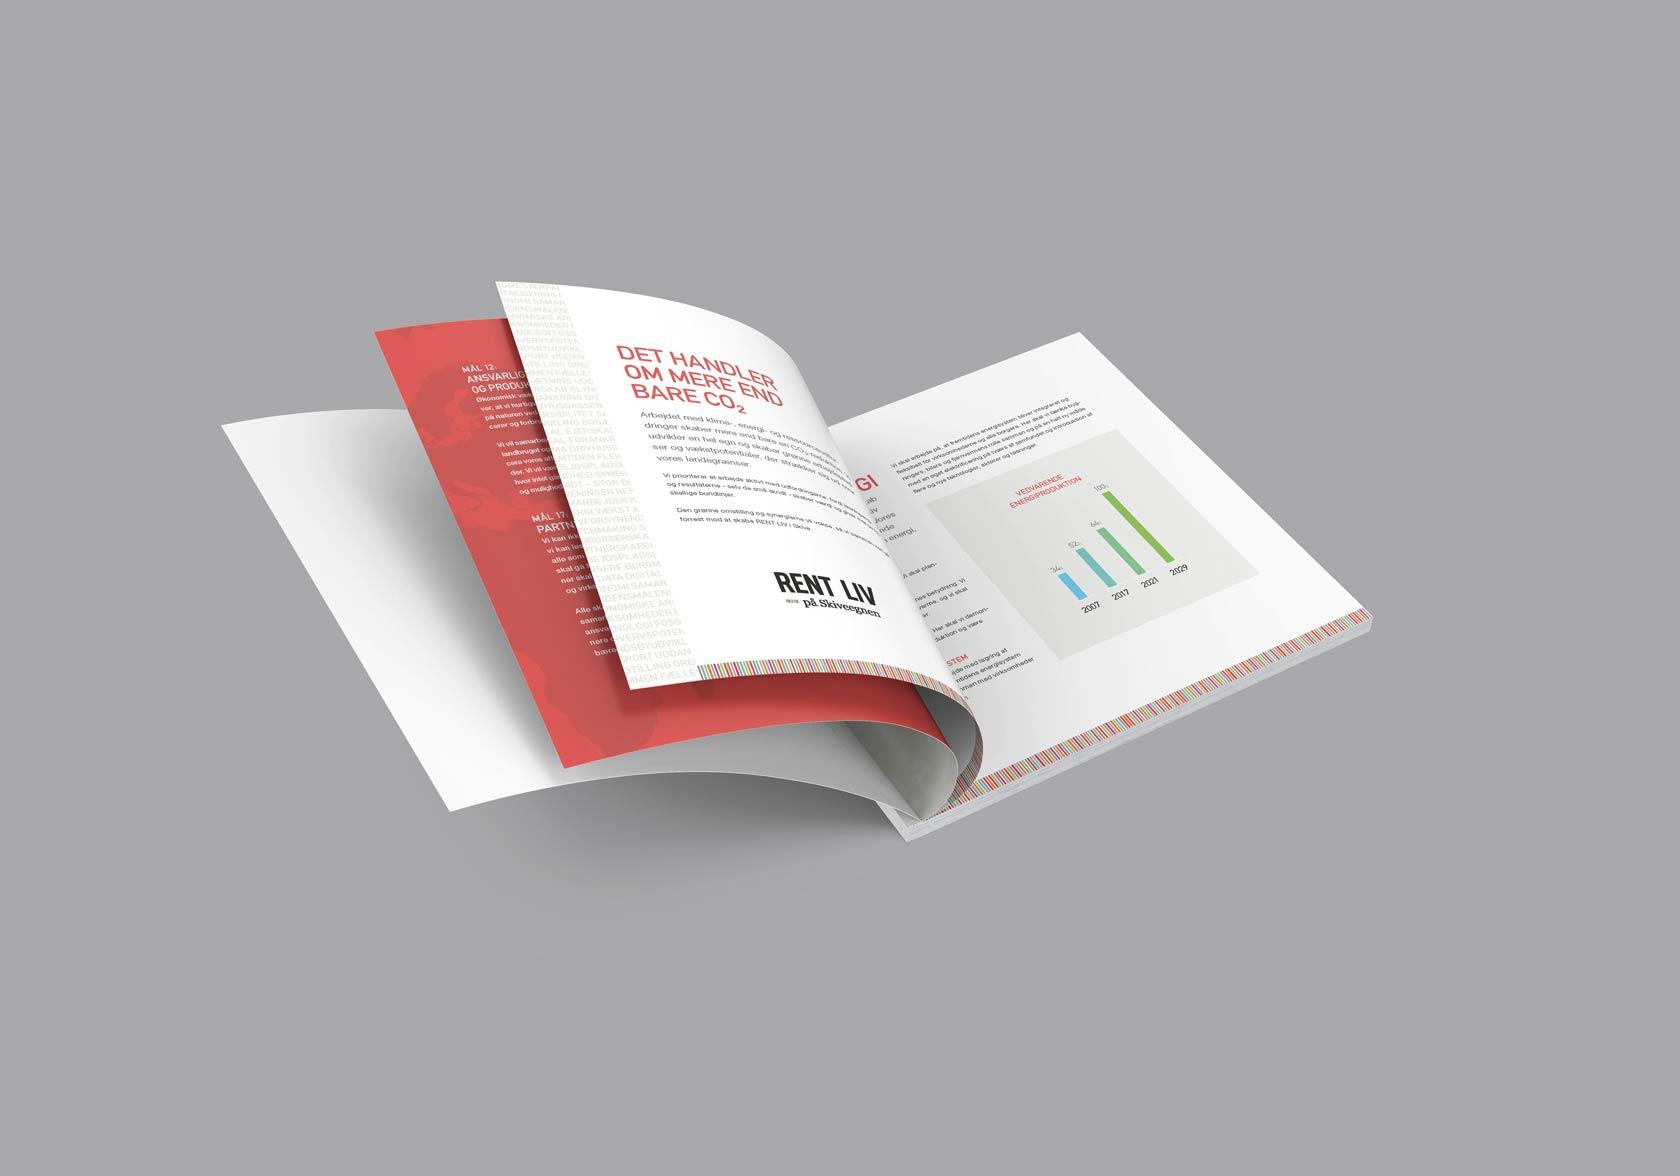 Billede der viser design og illustrationer på de indvendige sider i brochure til Skive Kommunes energistrategi 2022